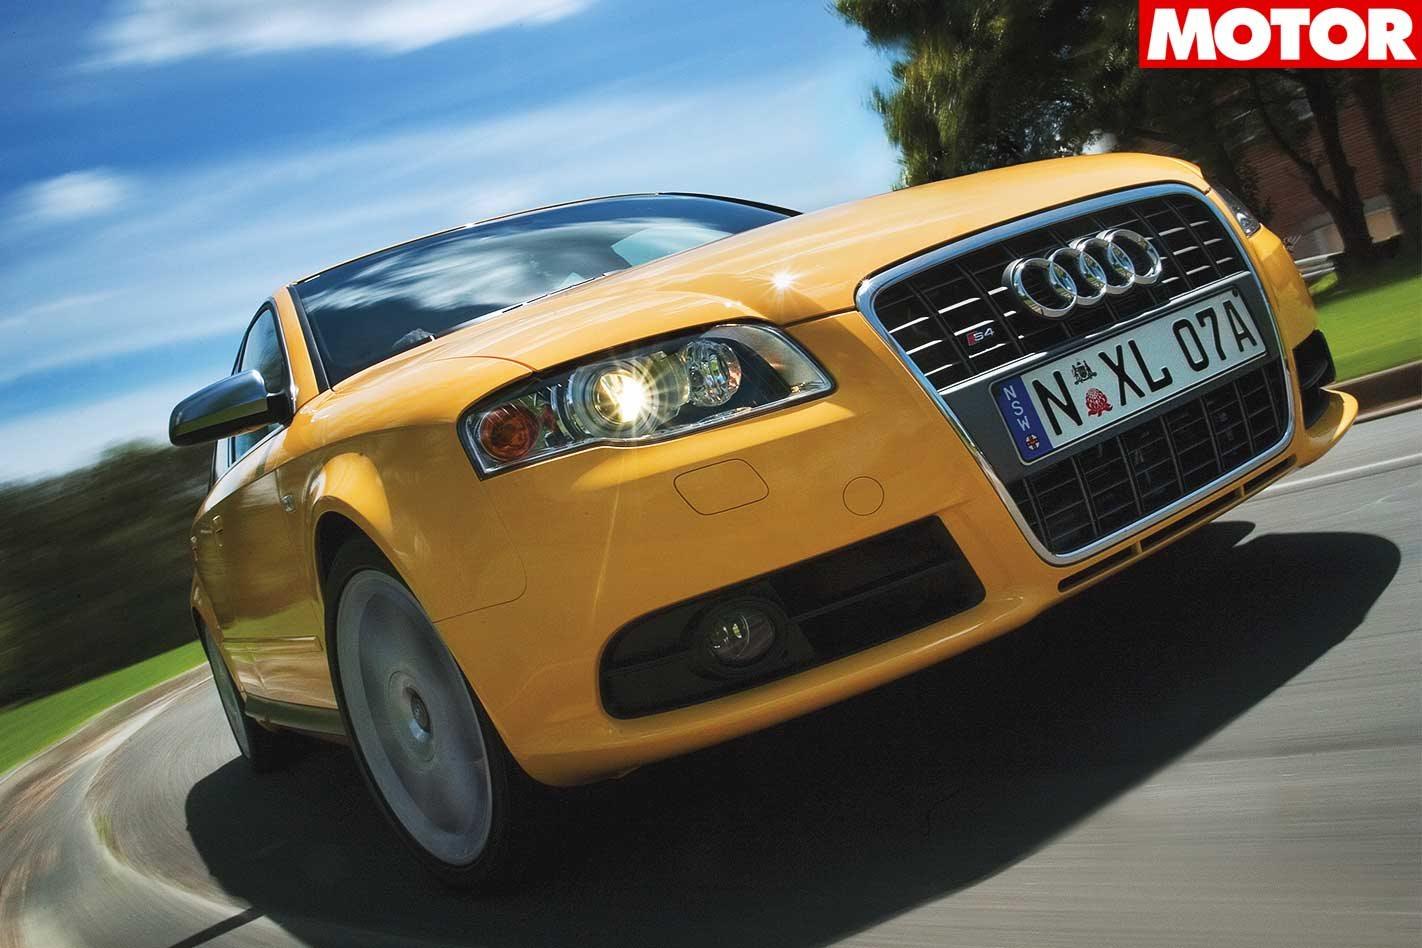 Audi S Review Classic MOTOR - 2006 audi s4